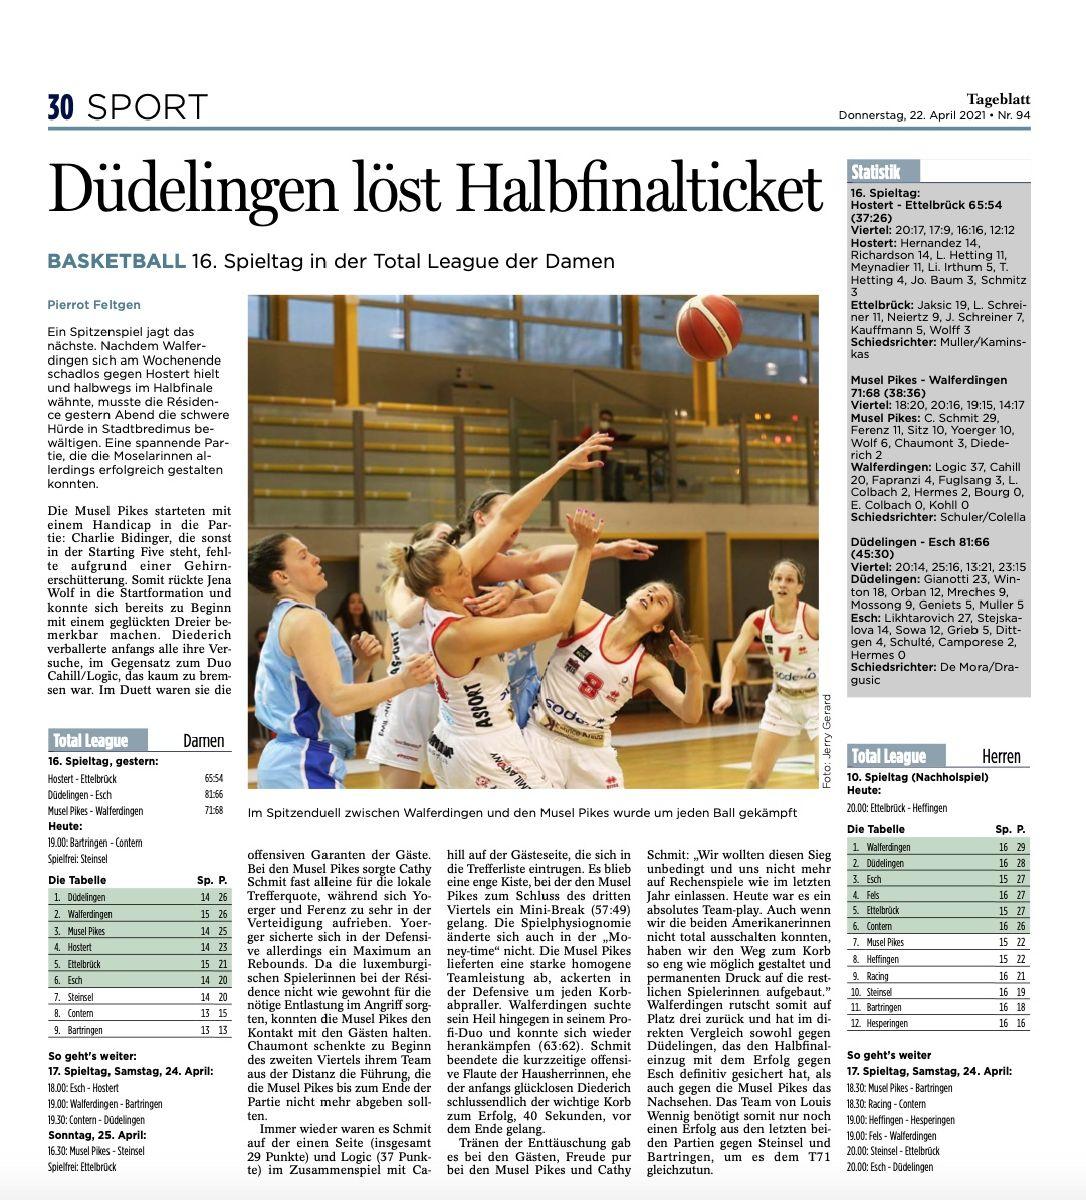 Tageblatt 22/04/2021